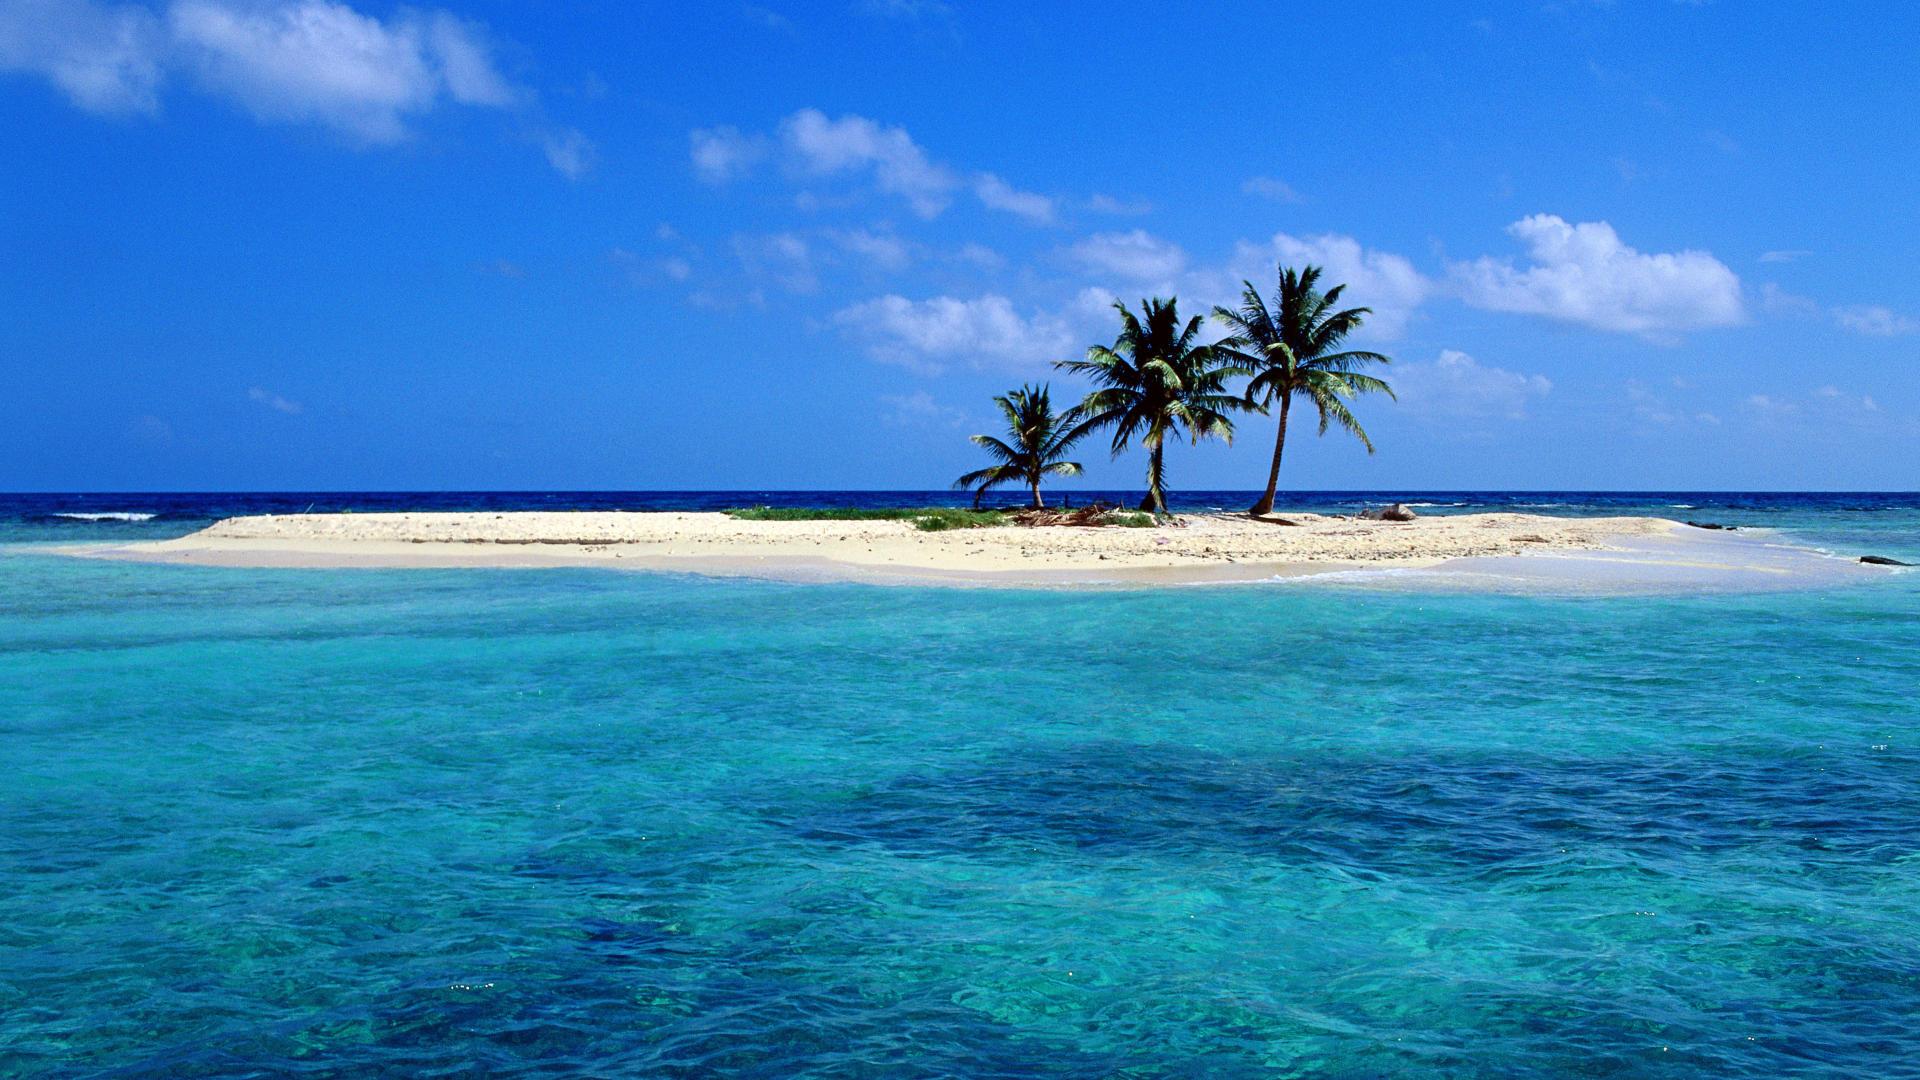 Beach Desktop Backgrounds and Wallpaper   Sandy Island off Lighthouse 1920x1080